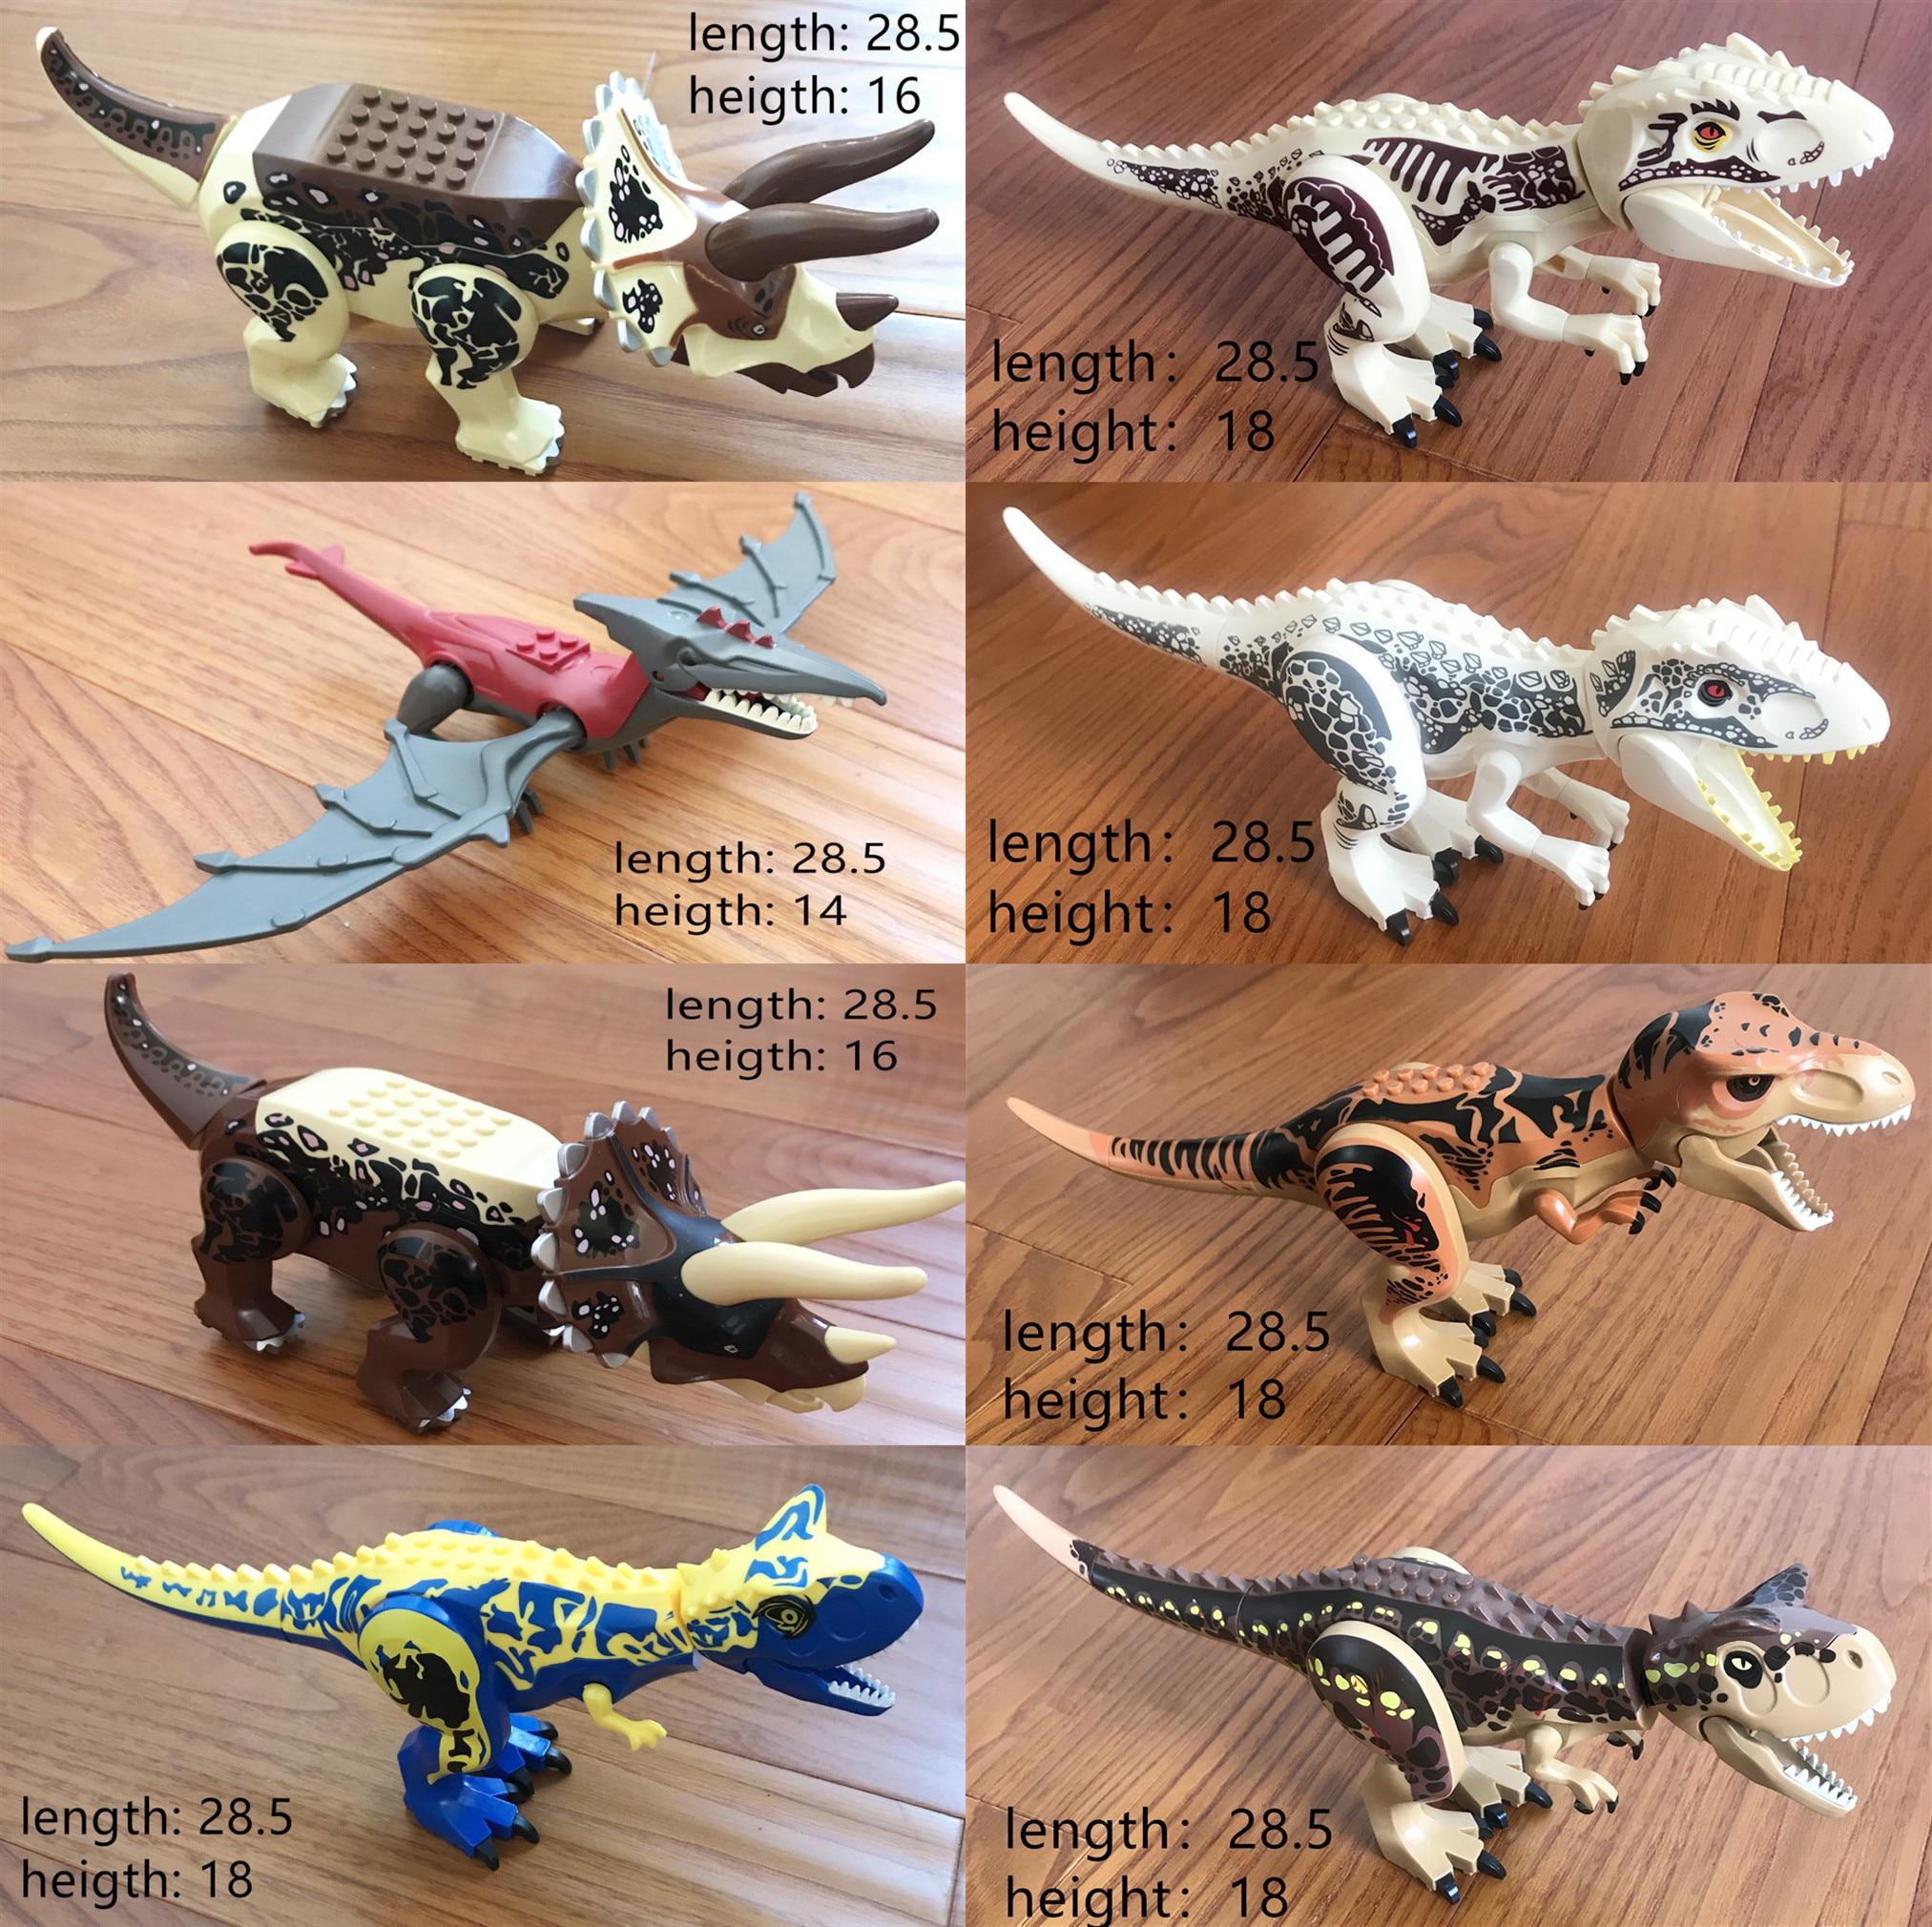 8 figurines grands dinosaures legoing Jurassic World Park set grand modèle de dinosaure jouets blocs de construction cadeau pour les enfants